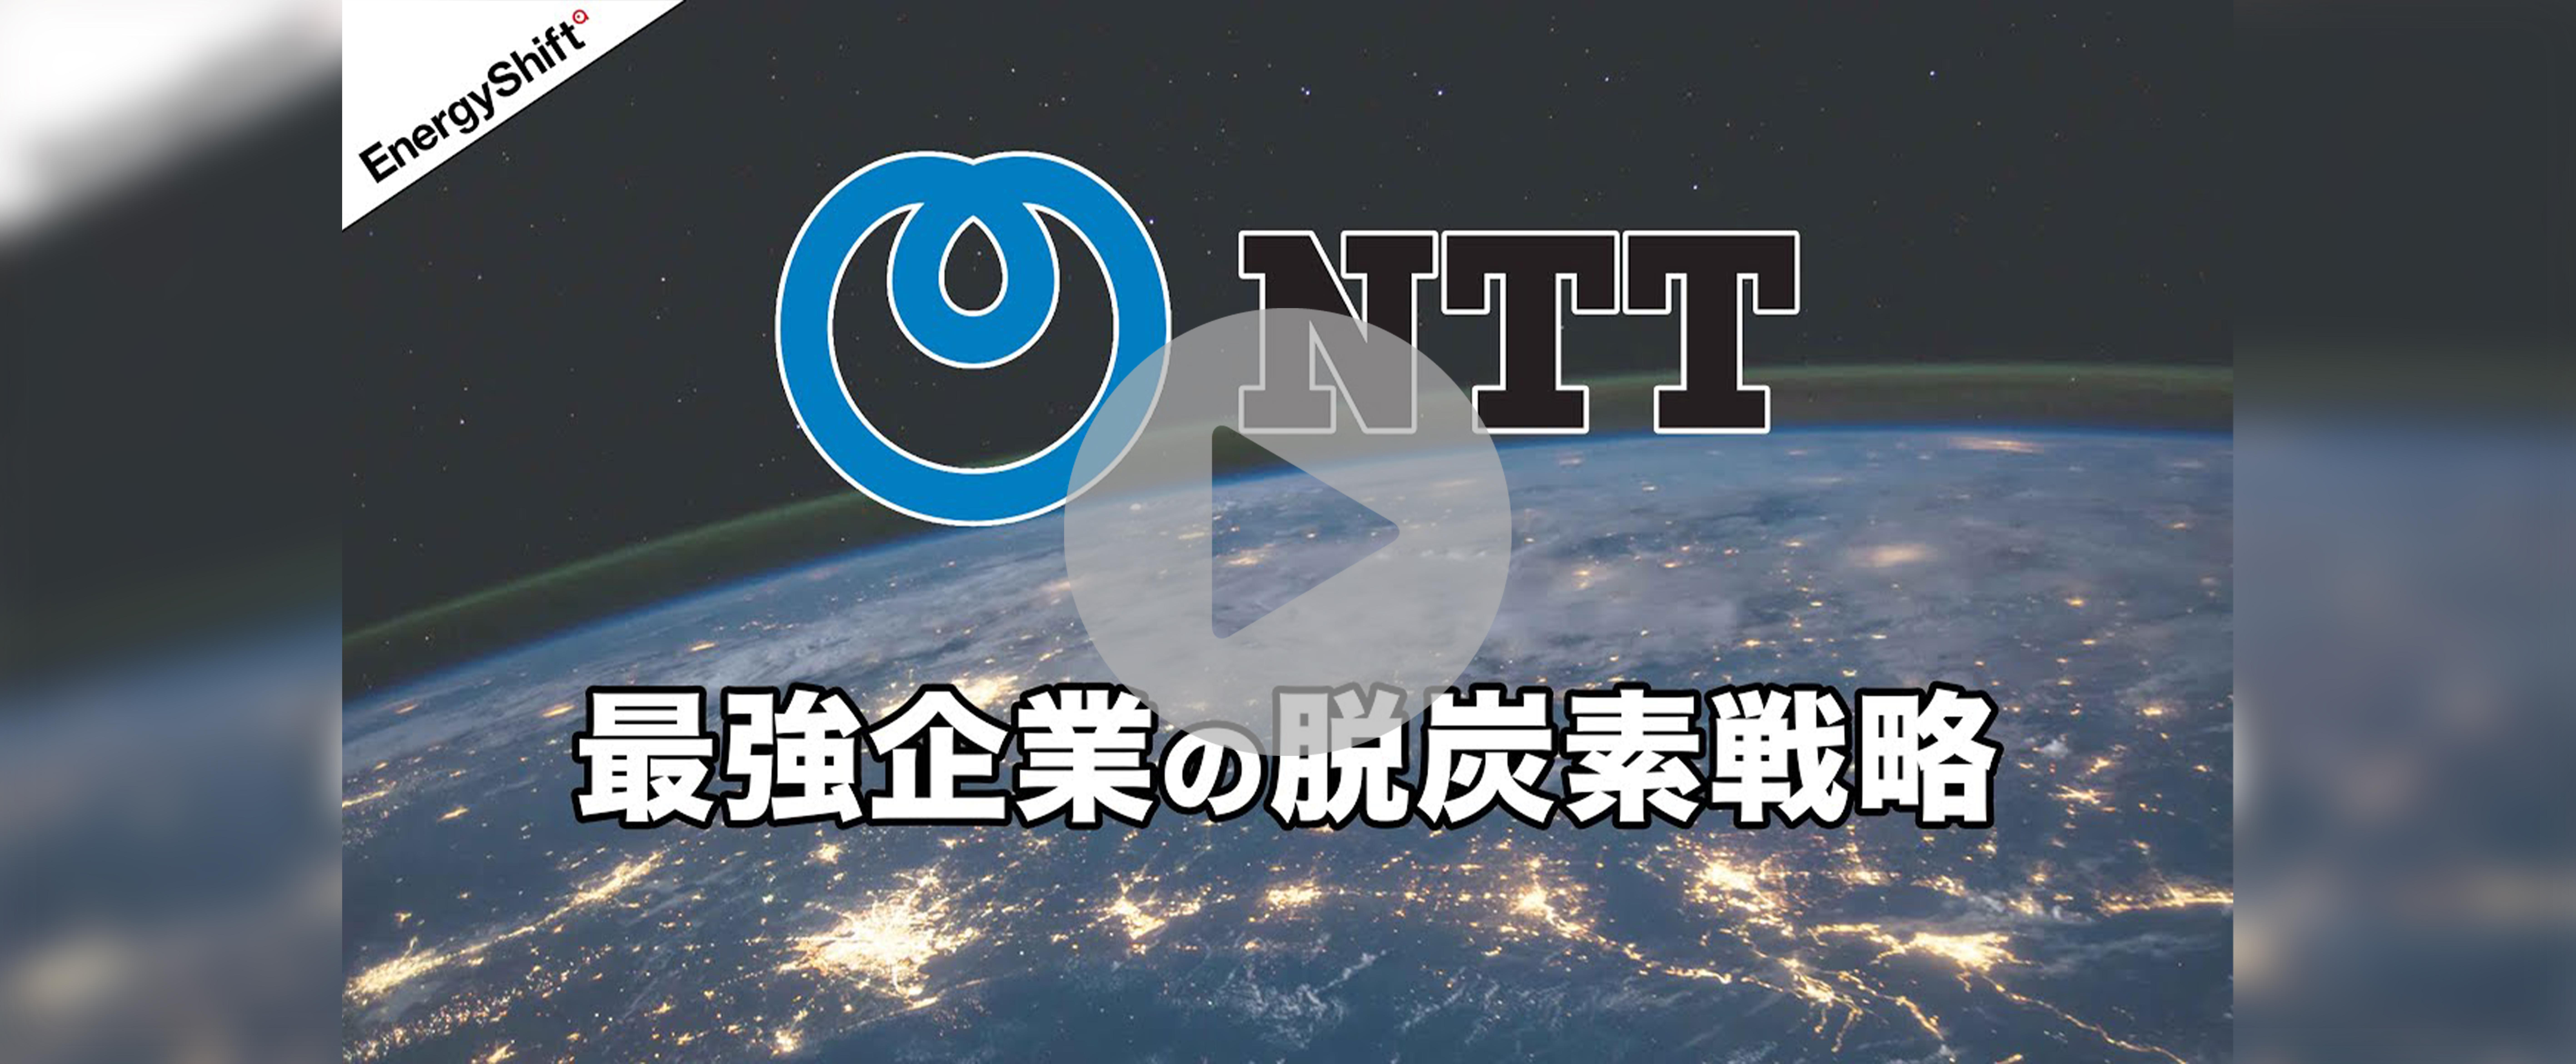 【YouTube】NTTが企てる脱炭素社会